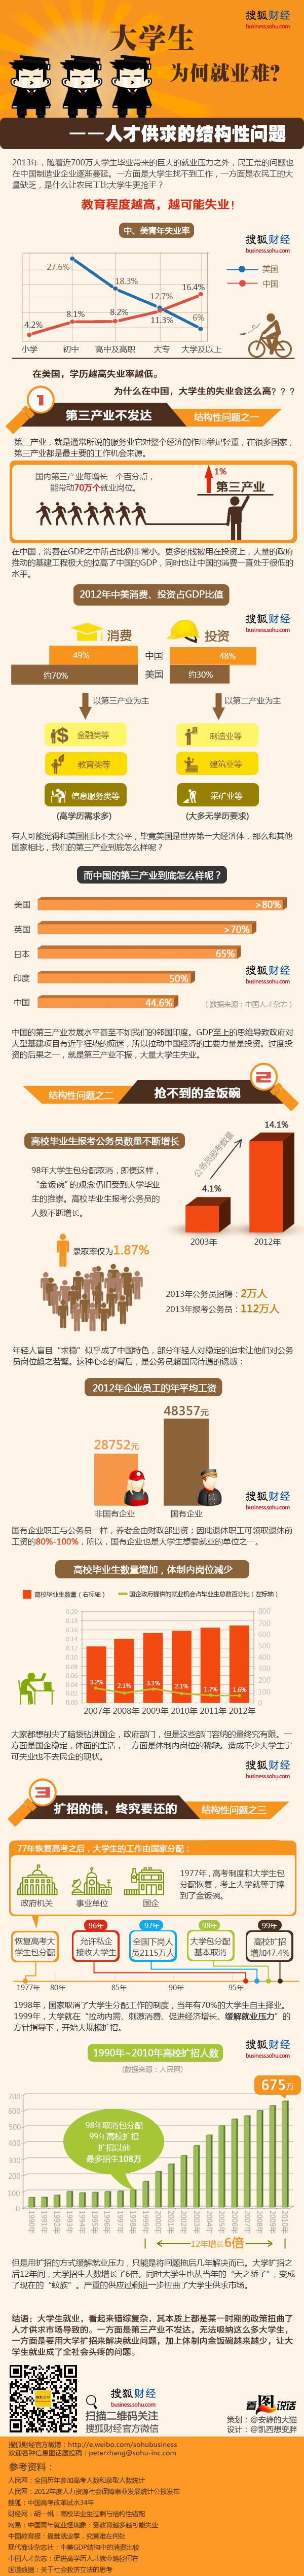 用生命在工作的中国白领